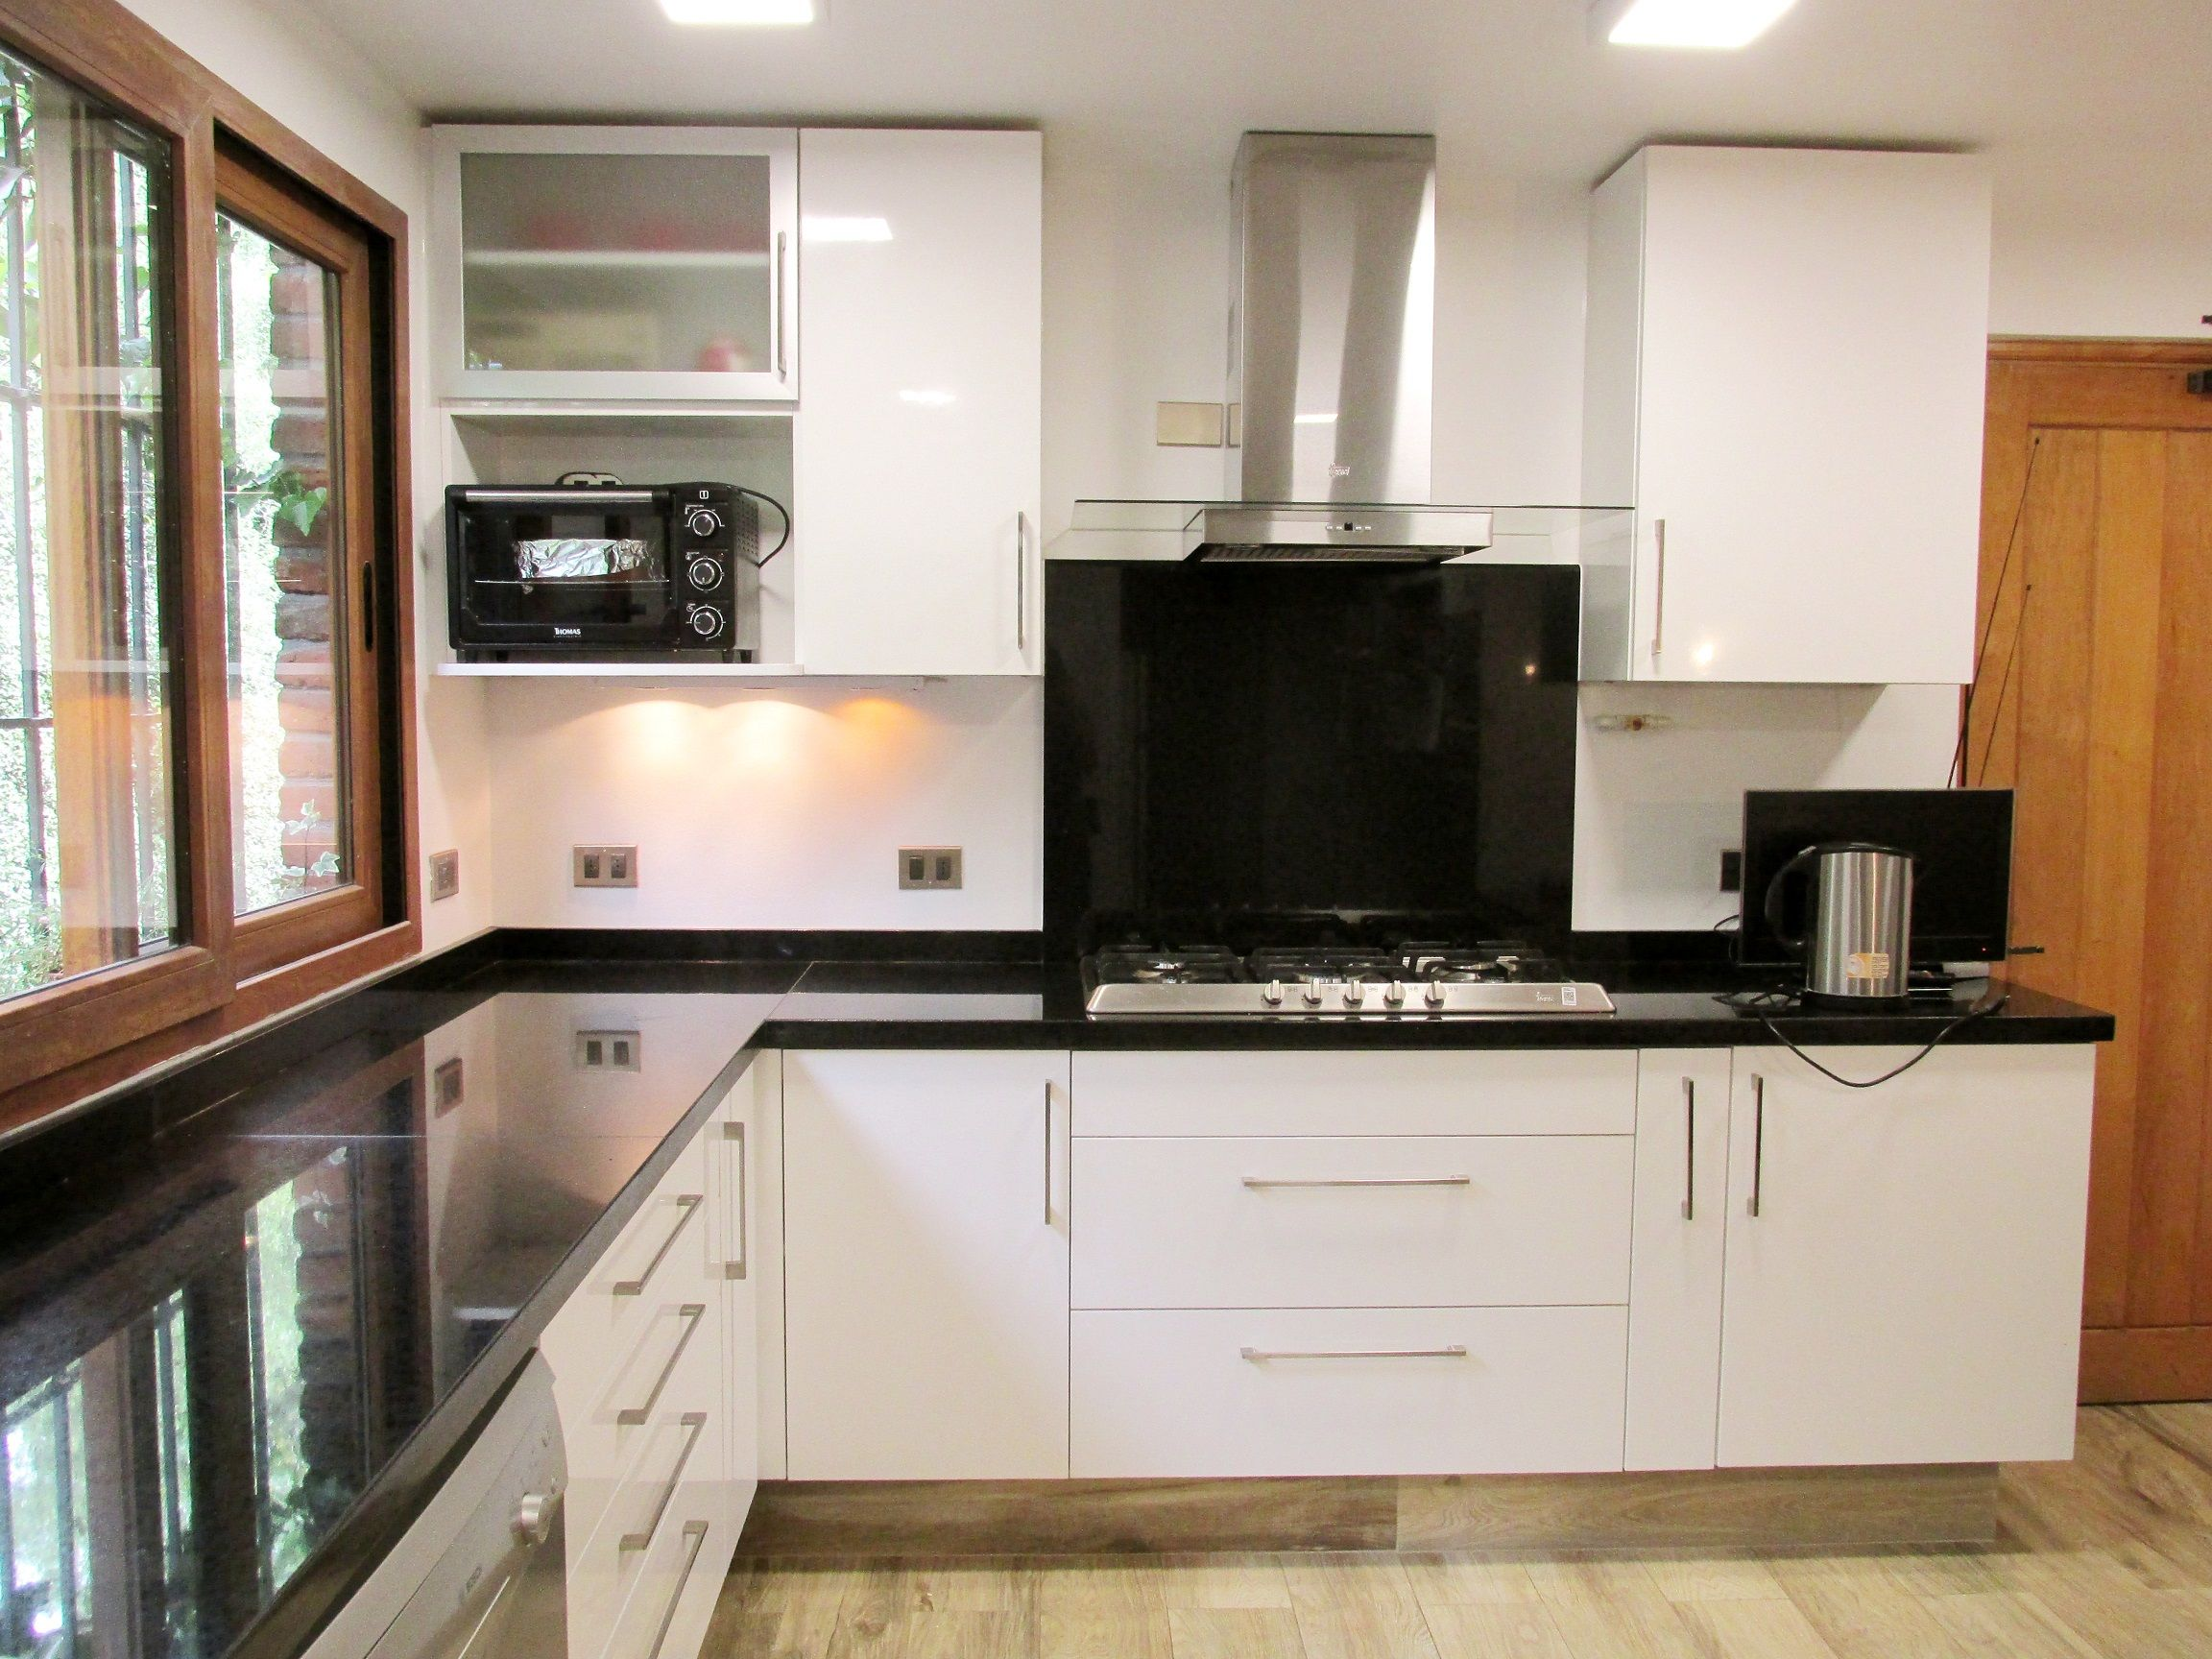 Muebles de cocina blanco brillante con cubierta de granito negro ...